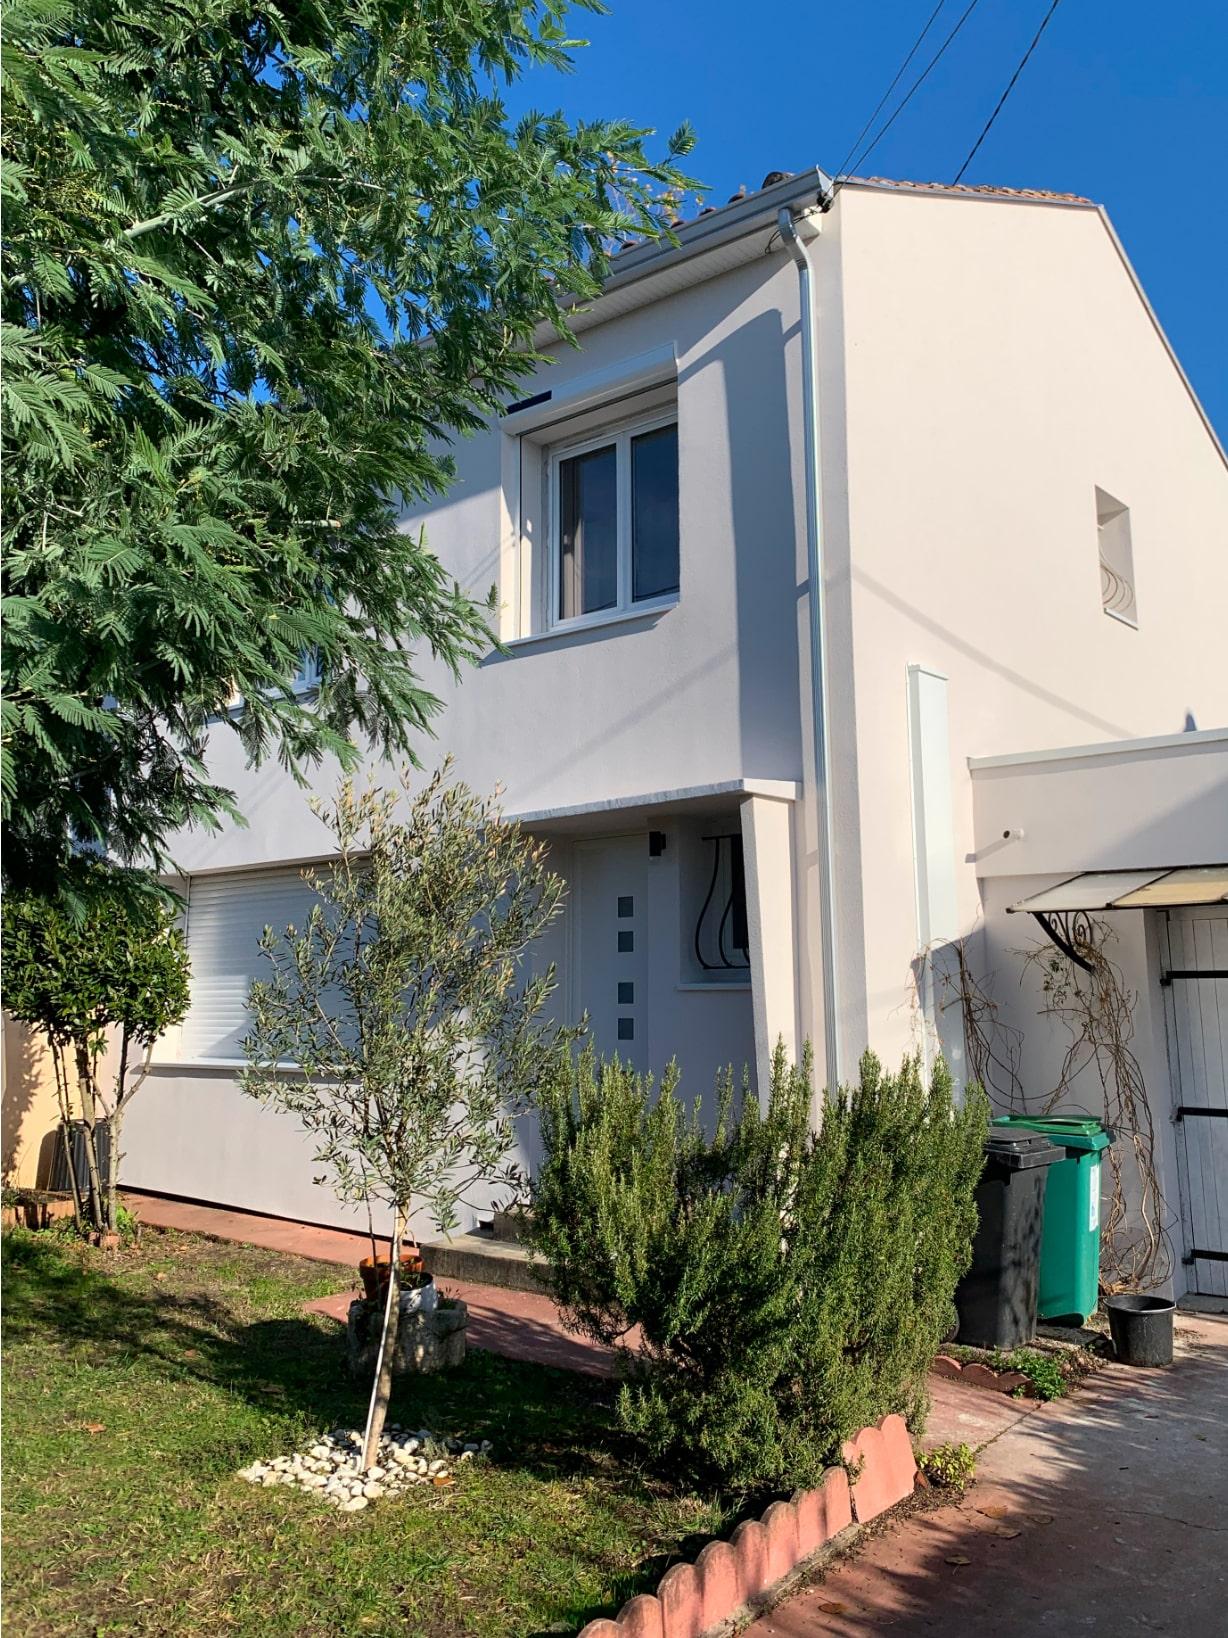 Résultat après chantier Isolation thermique par l'extérieur maison à Pessac - vue de face